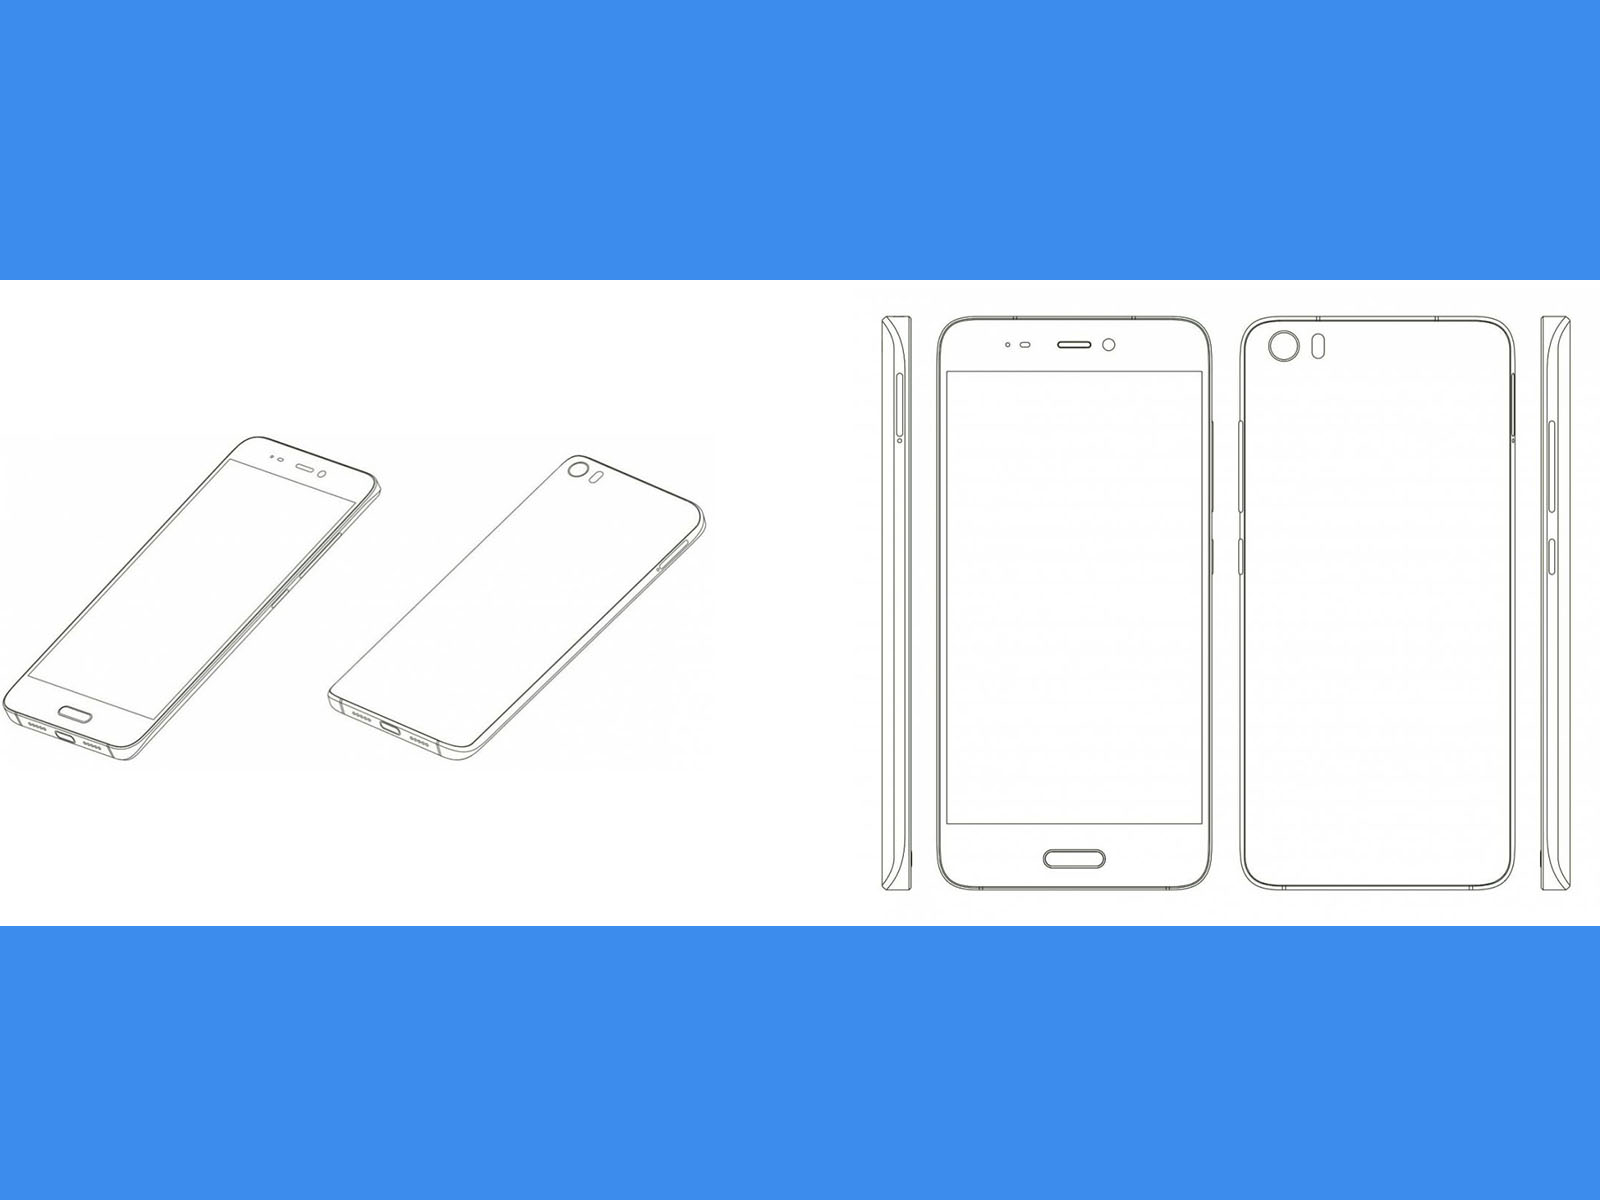 Xiaomi Mi 5 o Xiaomi Mi Note 2? Nuove immagini